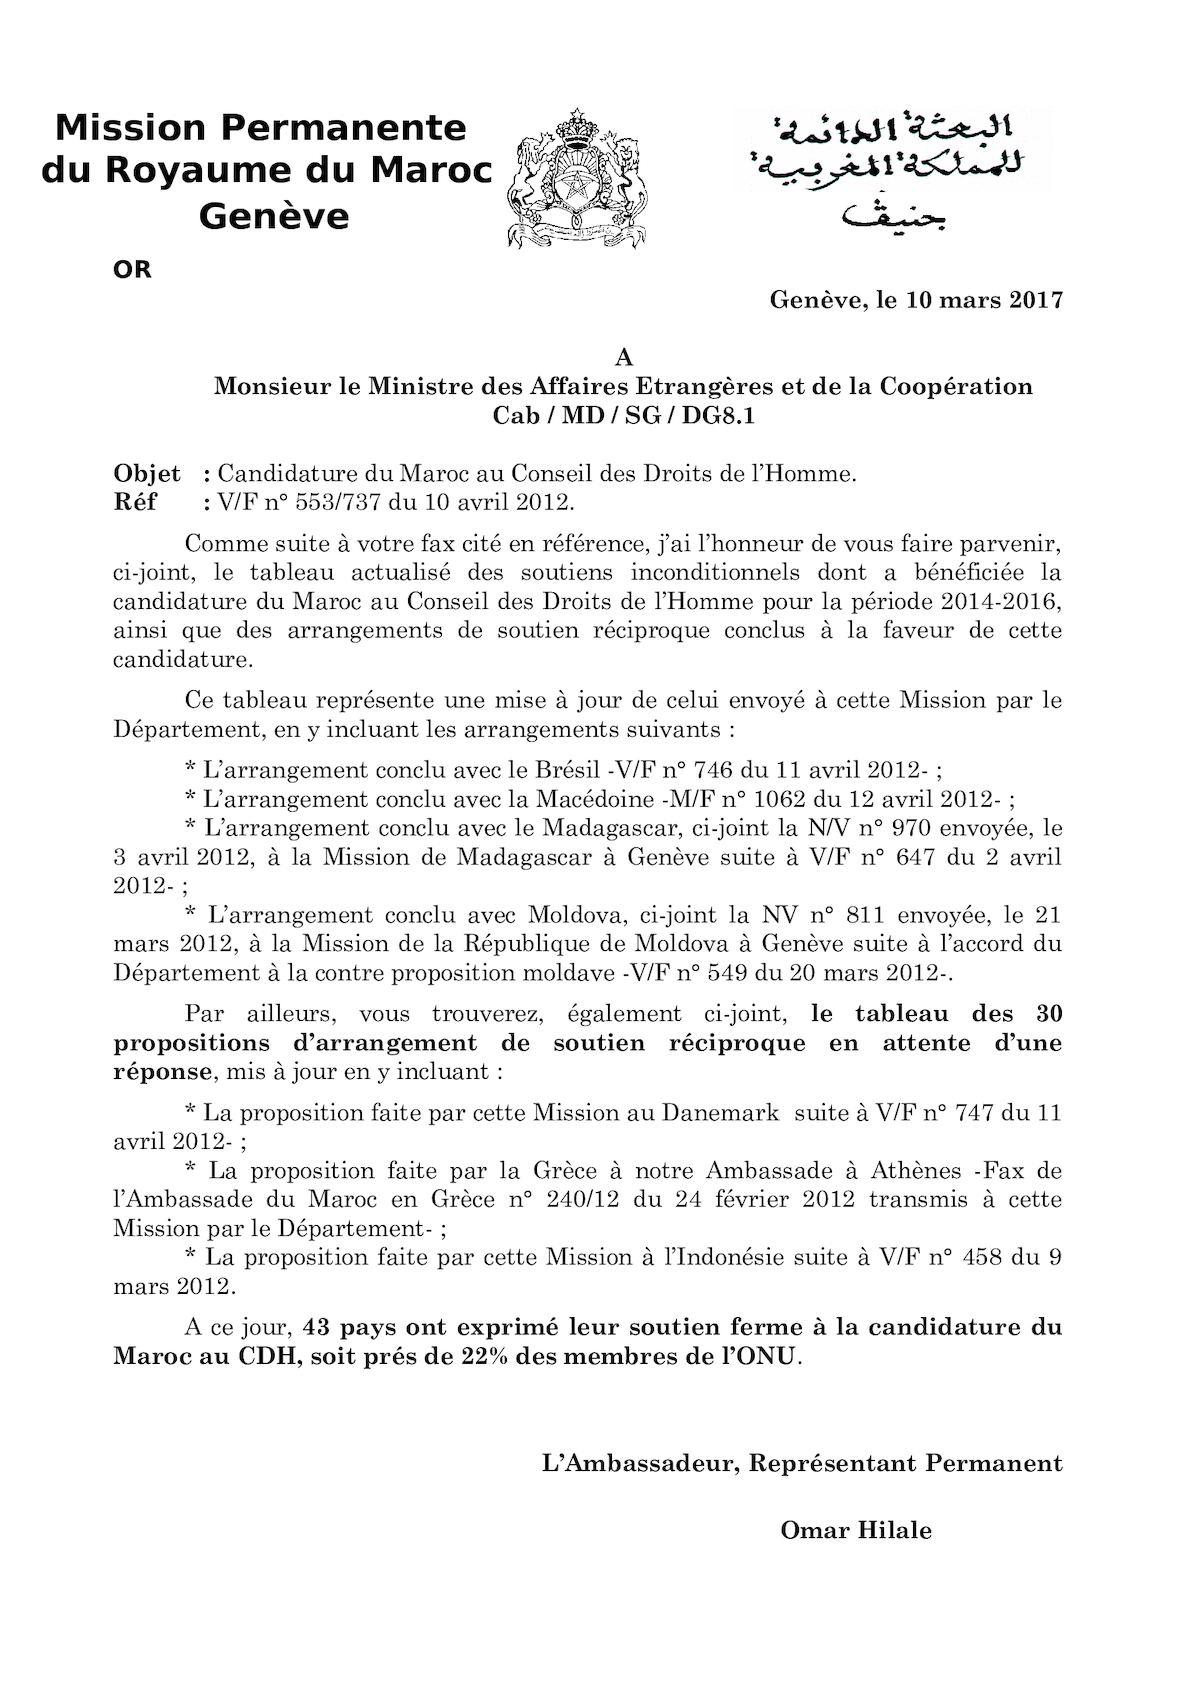 Fax Du 130412 - Tableau Réciprocités Candidature MAroc CDH